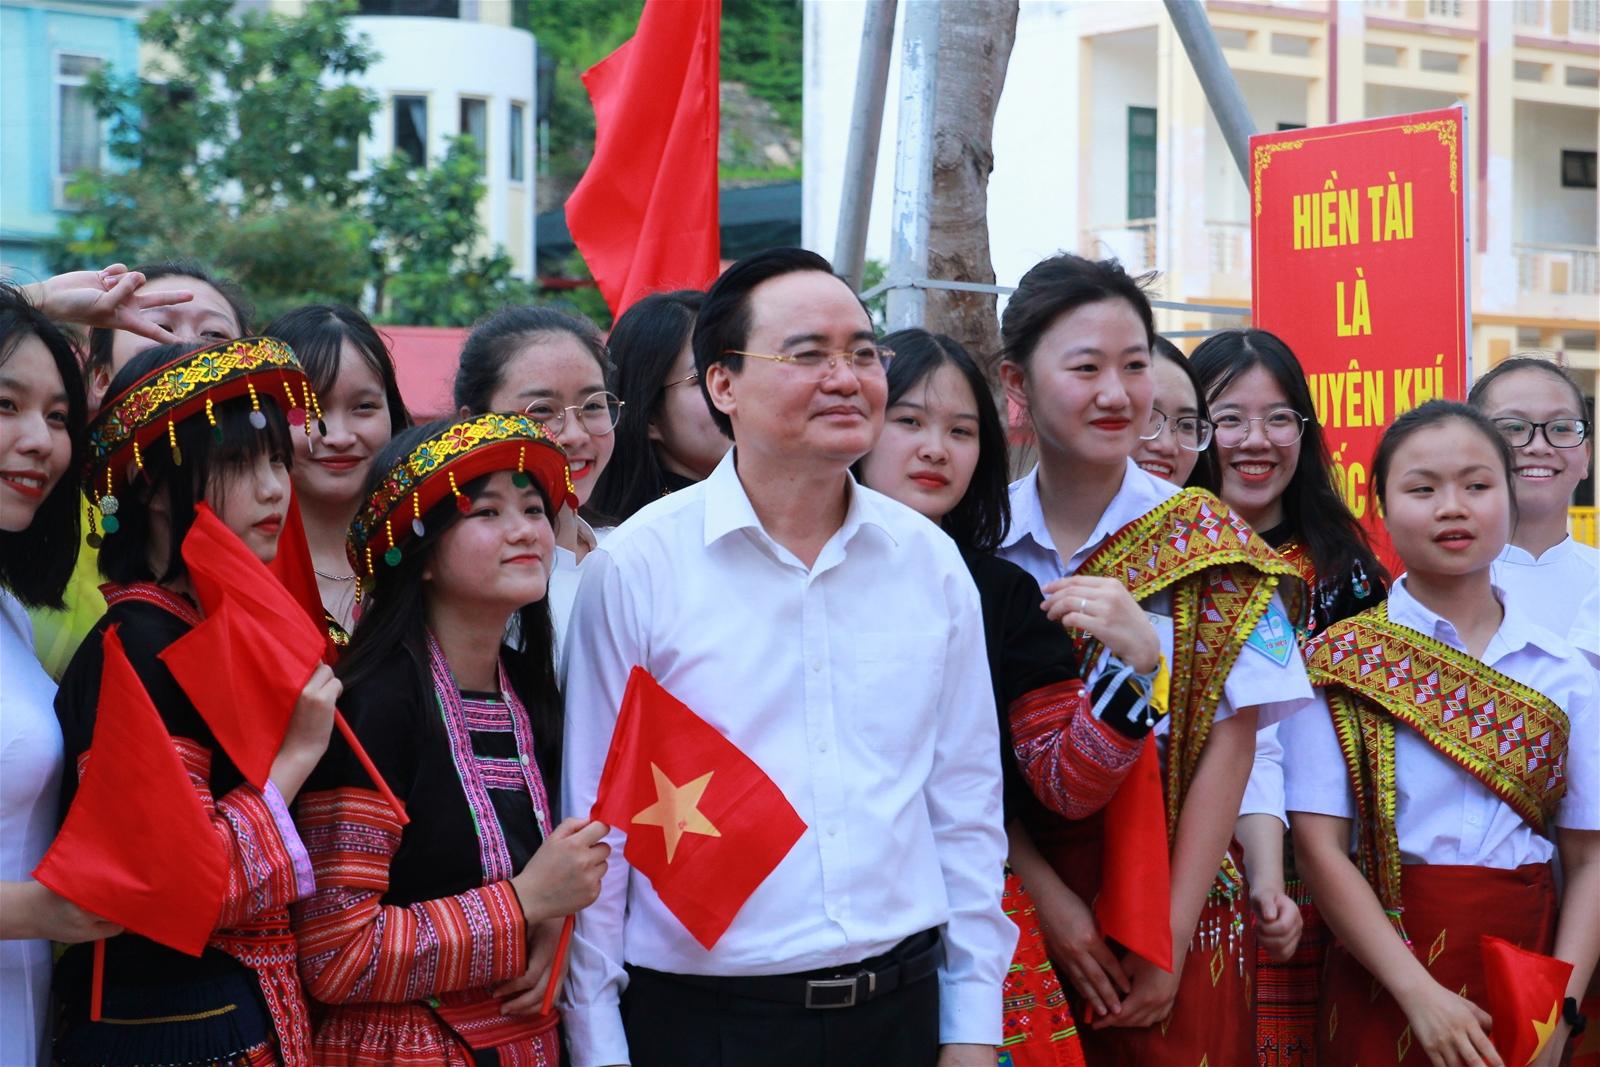 Bộ trưởng Phùng Xuân Nhạ thăm và làm việc tại trường THPT Tô Hiệu, Sơn La - Ảnh minh hoạ 6